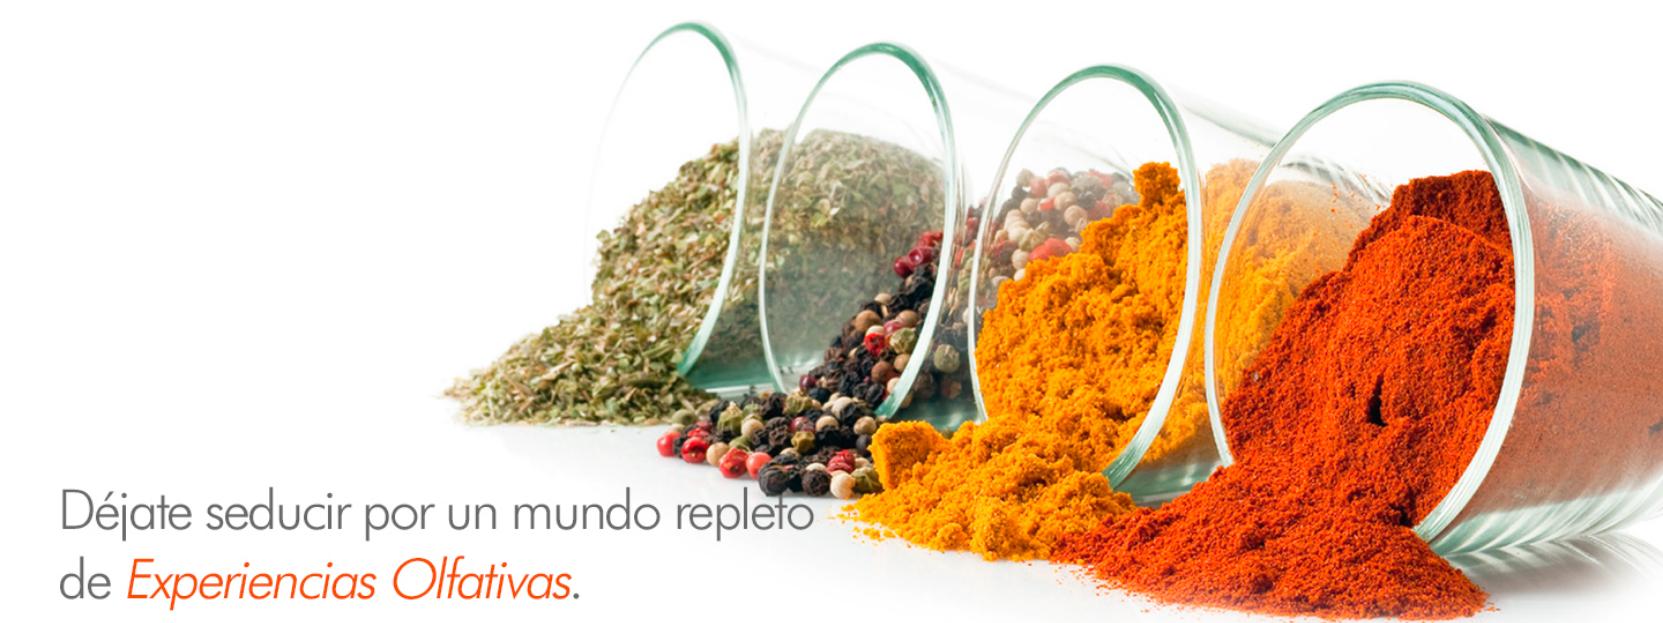 Aromatización, fragancias y eliminación de malos olores